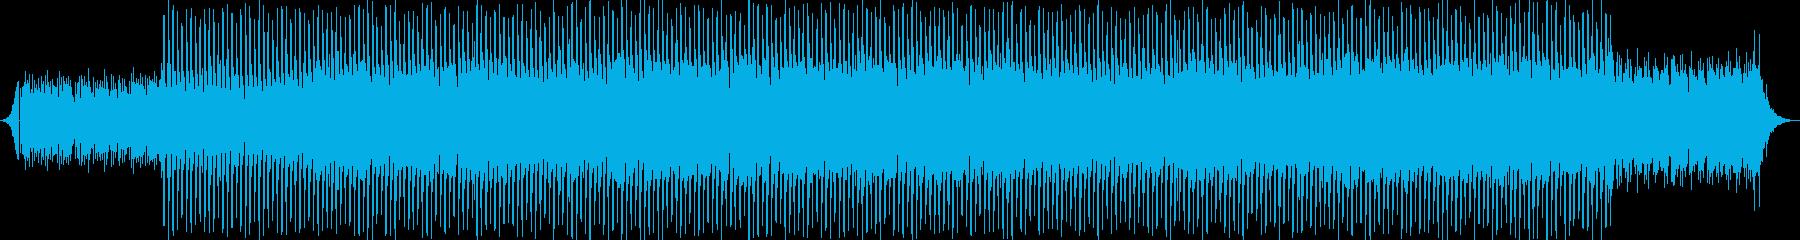 ピアノなしの再生済みの波形